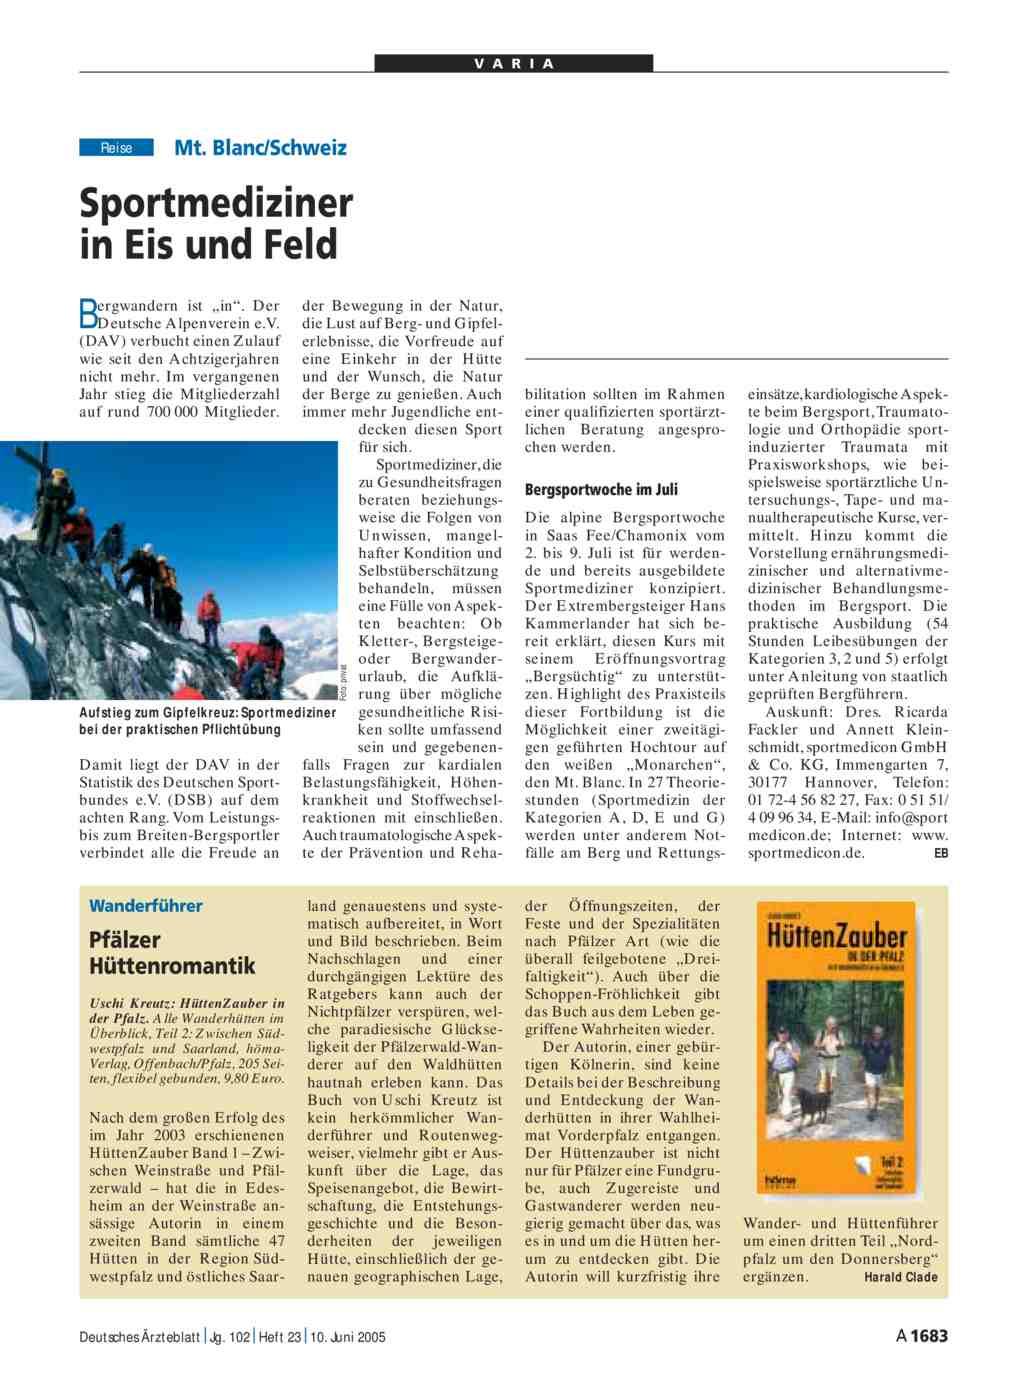 Mt blanc schweiz sportmediziner in eis und feld for Medizin studieren schweiz